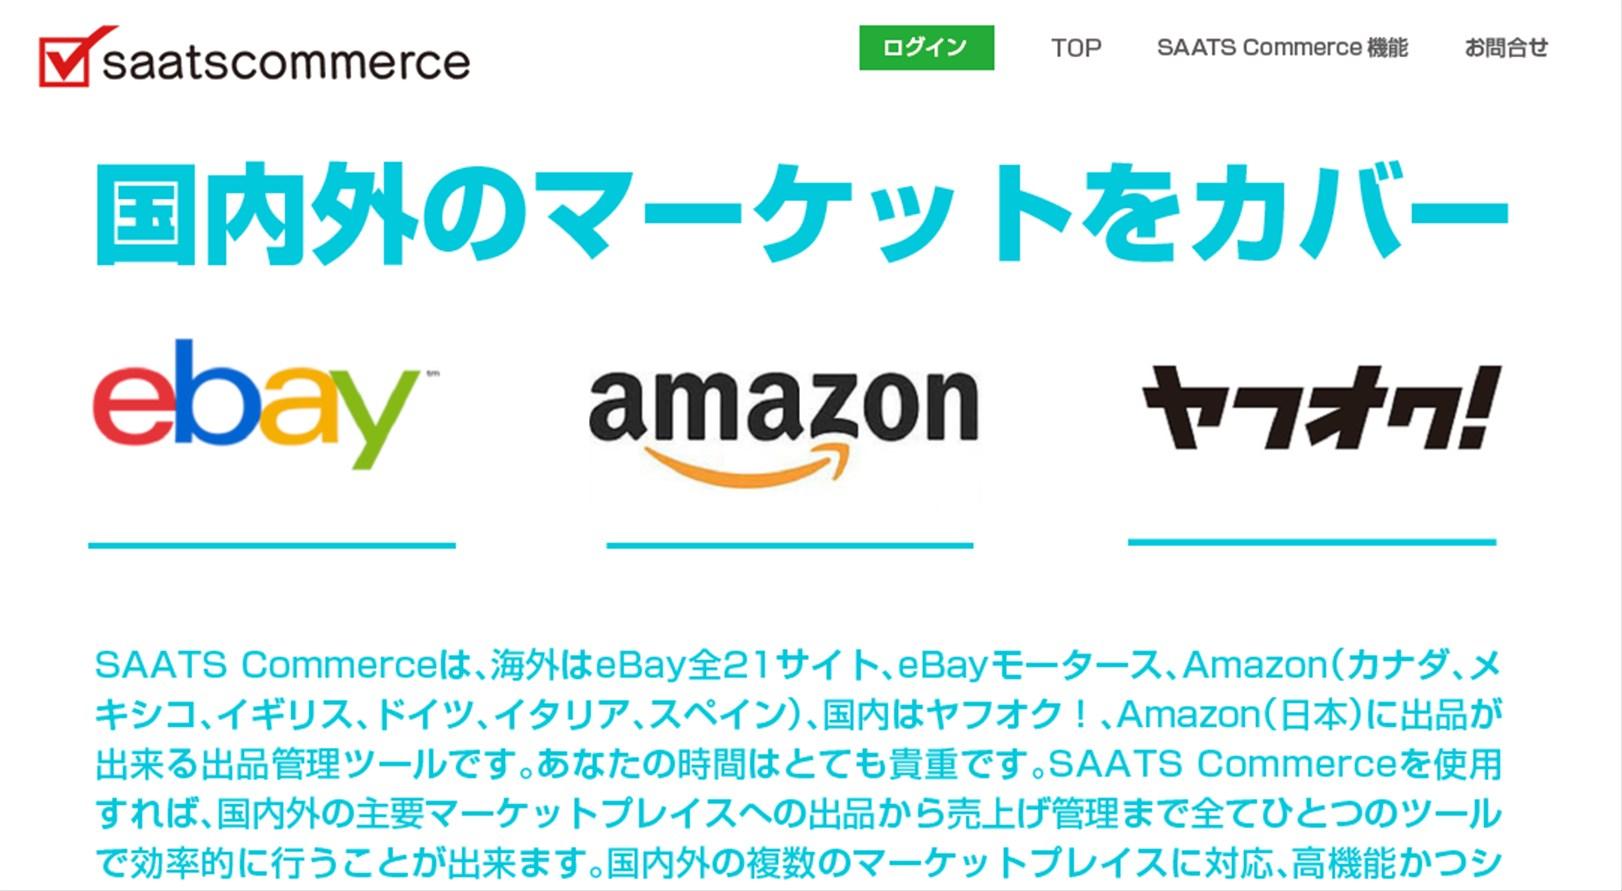 saatcommerce対応サイト